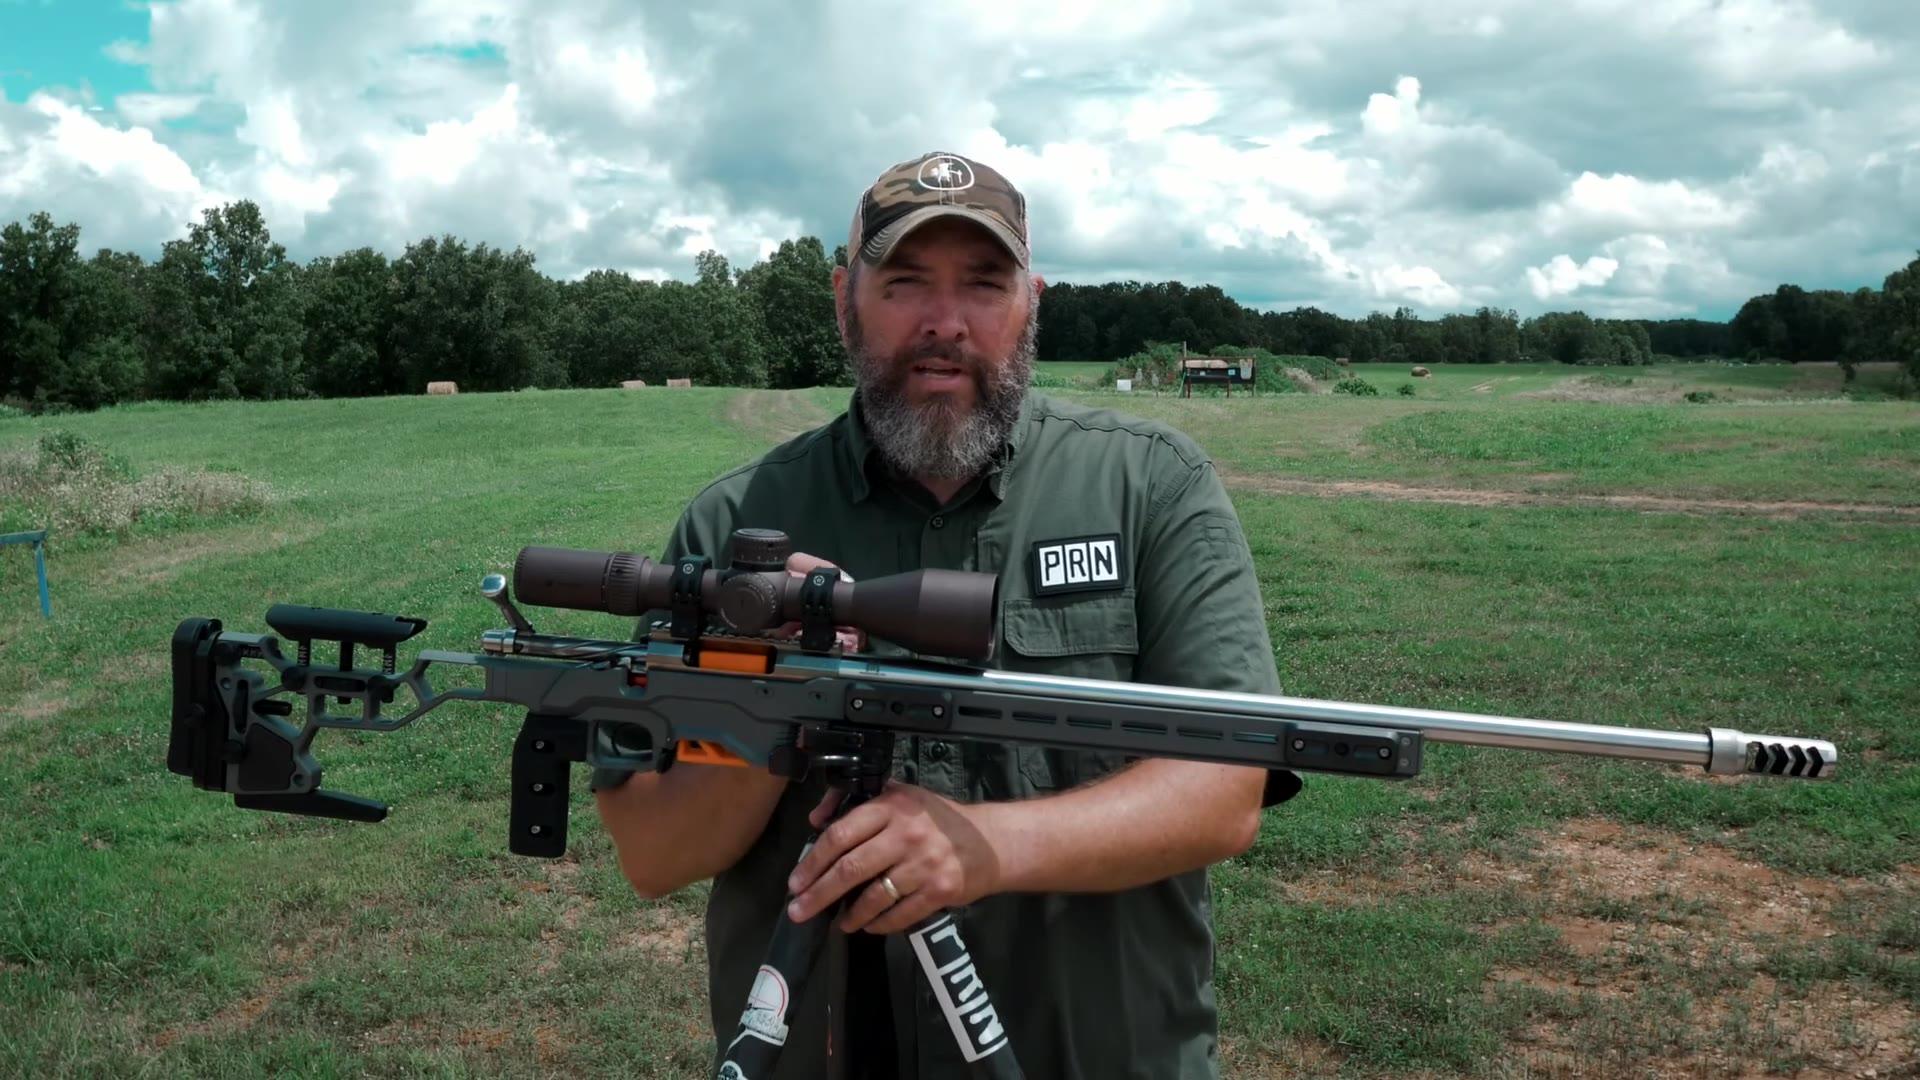 【生肉】如何在三脚架上射击-Precision Rifle Network